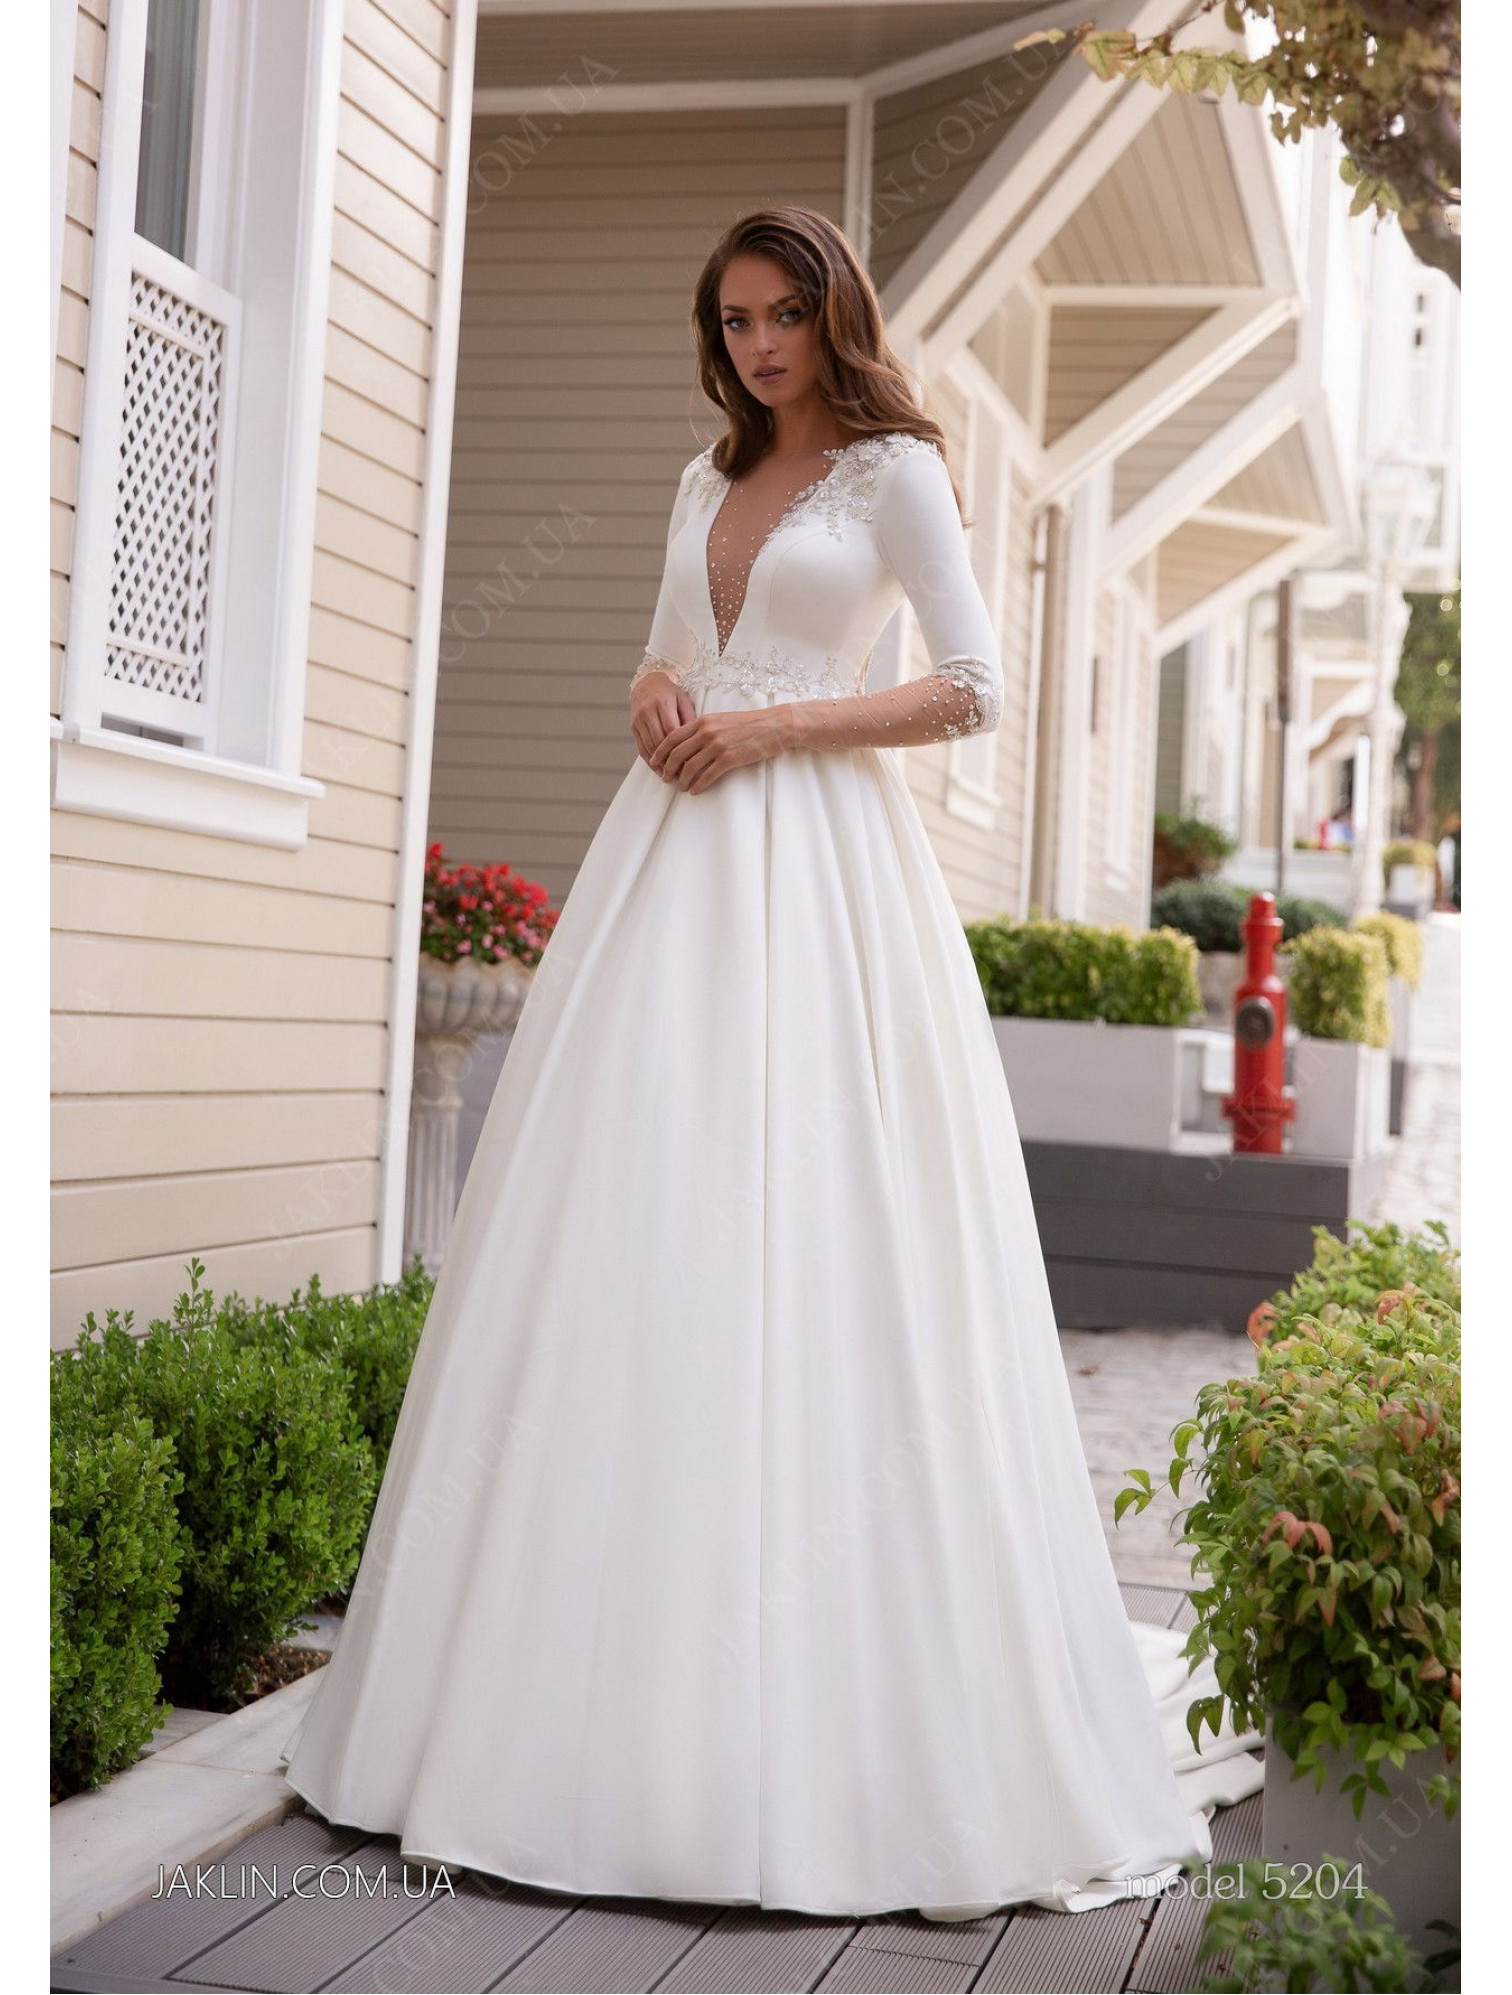 Свадебное платье 5204